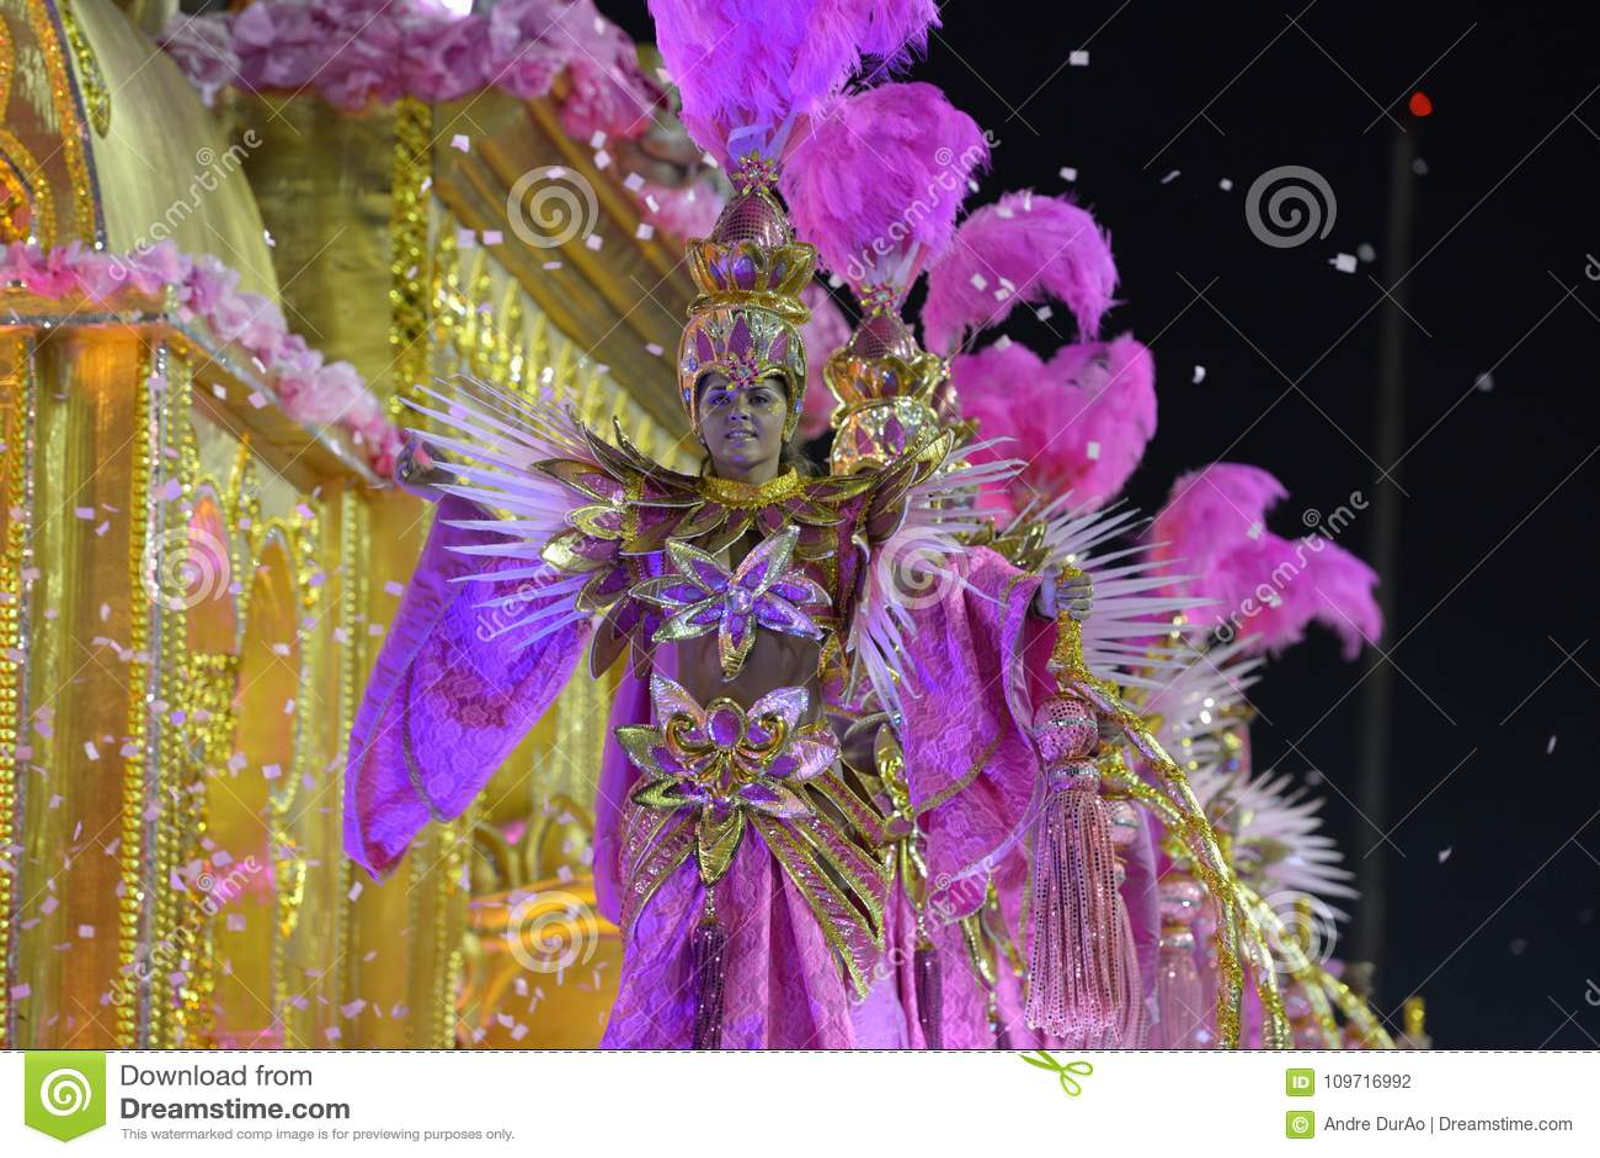 Carnaval, Rio de Janeiro, 2012 | Fantasias, Passistas